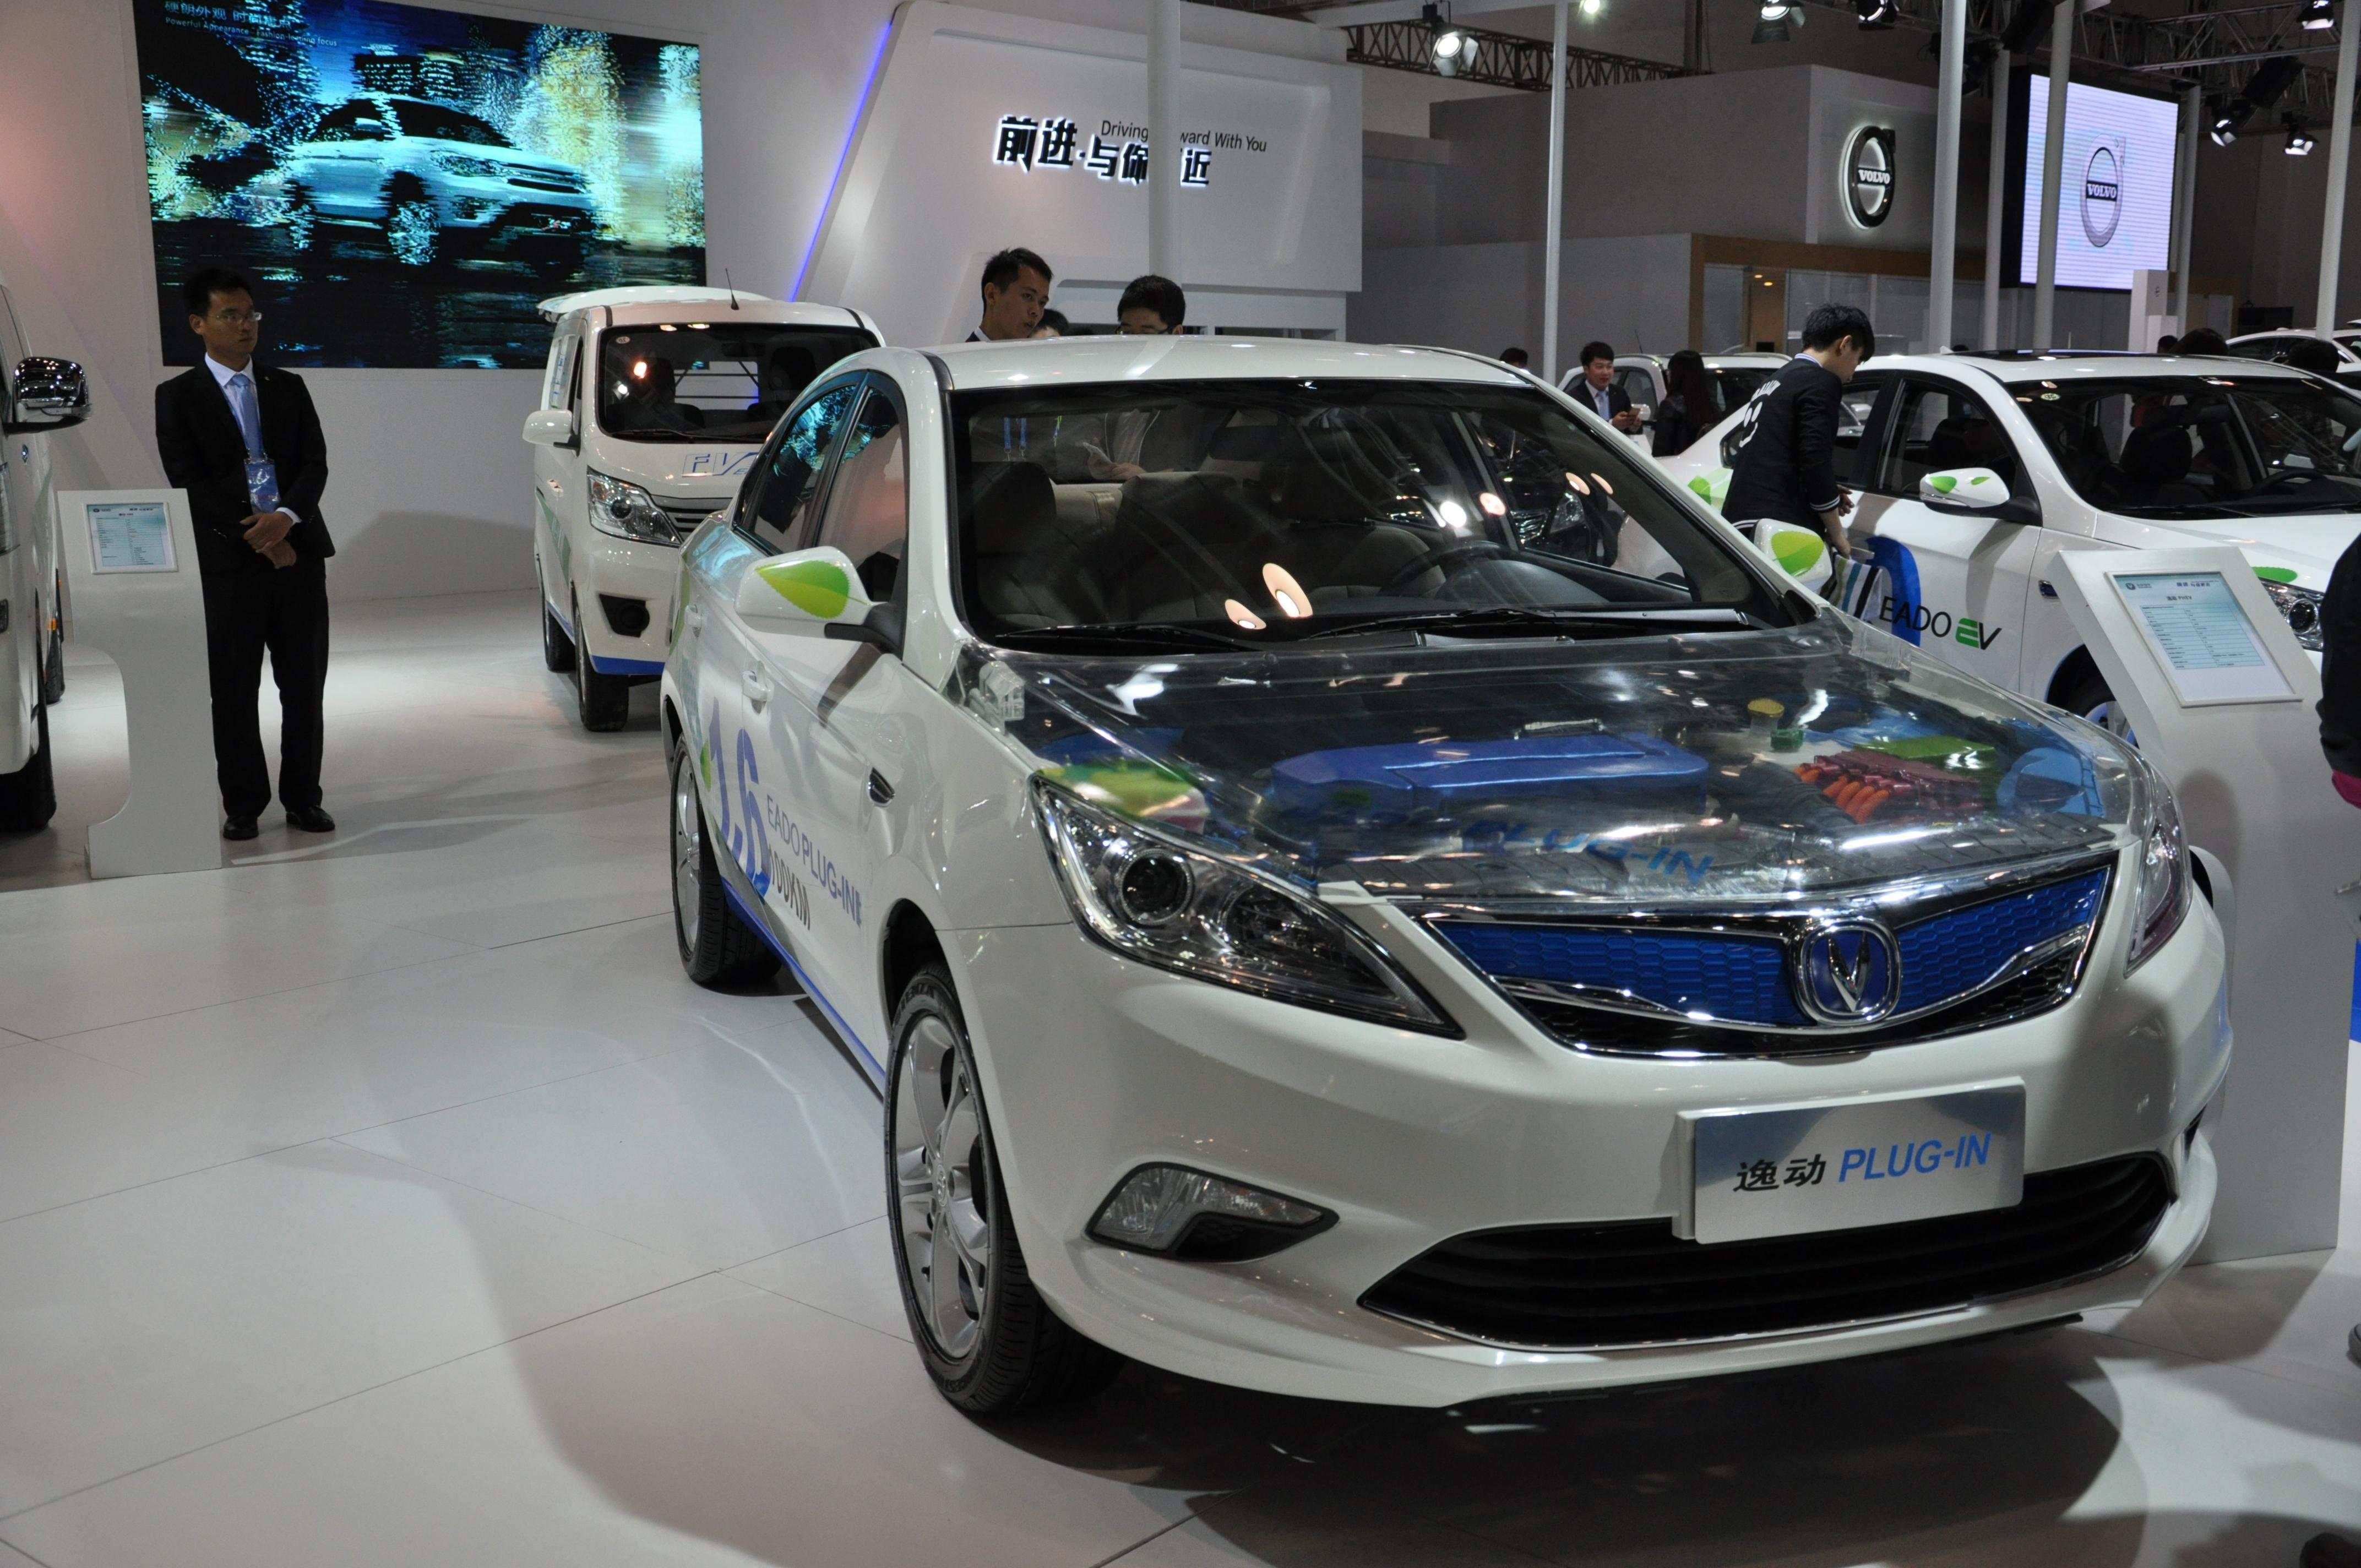 长安新能源汽车产品主要包括,商用车:长安之星5纯电动,该车 2015